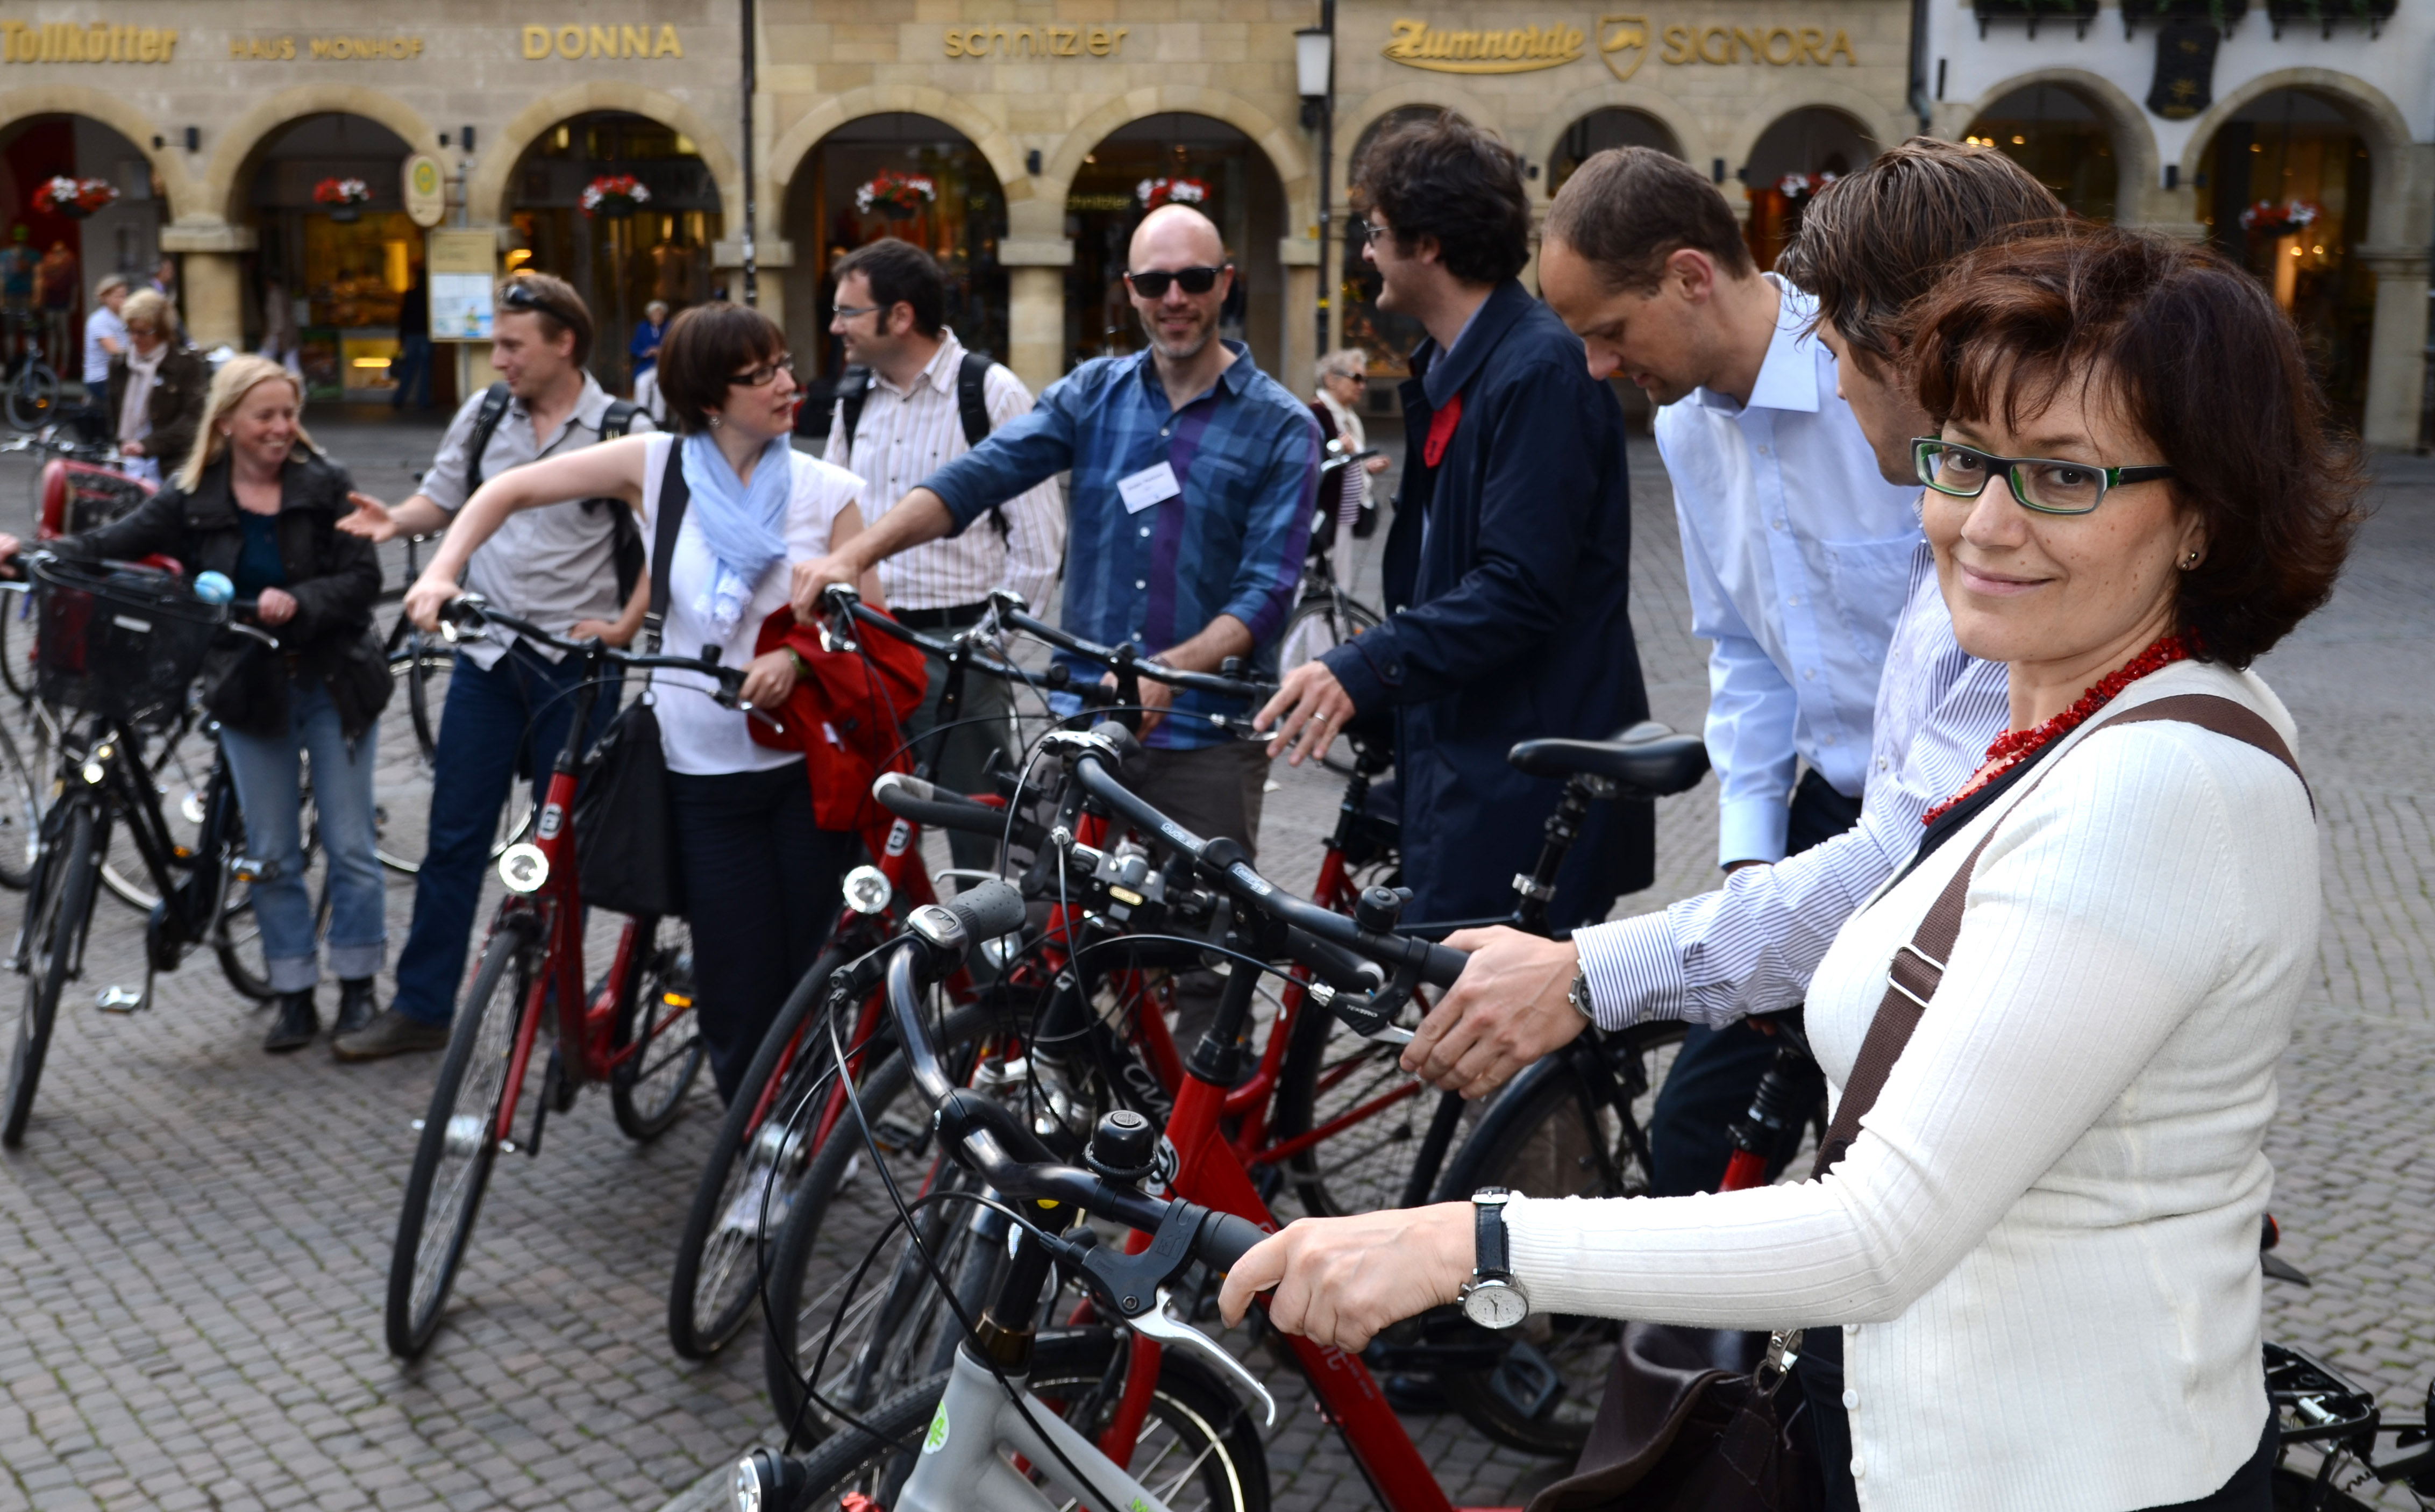 Gruppe mit Fahrrädern